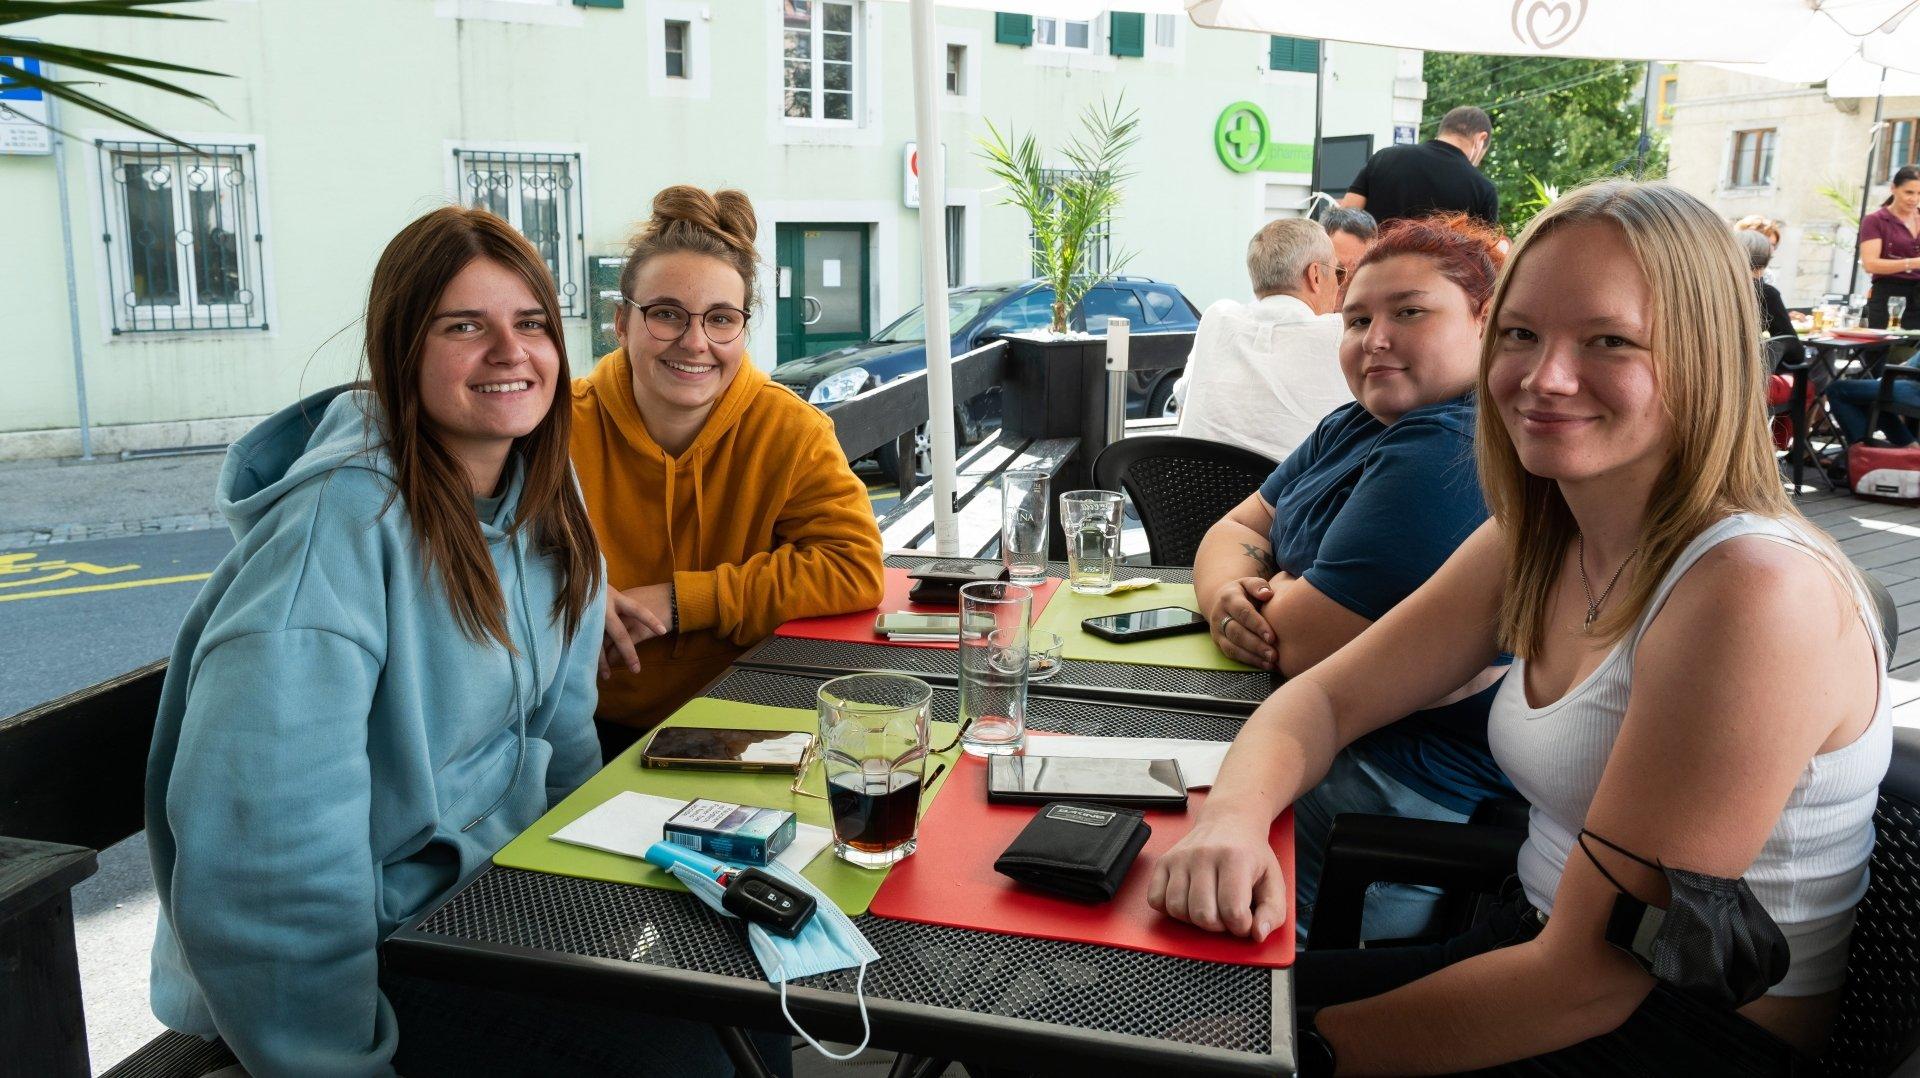 Comme l'une d'entre elles ne possédait pas le certificat Covid-19, Noémie Dubois, Aurore Jaquet, Victoria Minerba et Coralie Amez-Droz se sont assises en terrasse ce lundi 13 septembre.